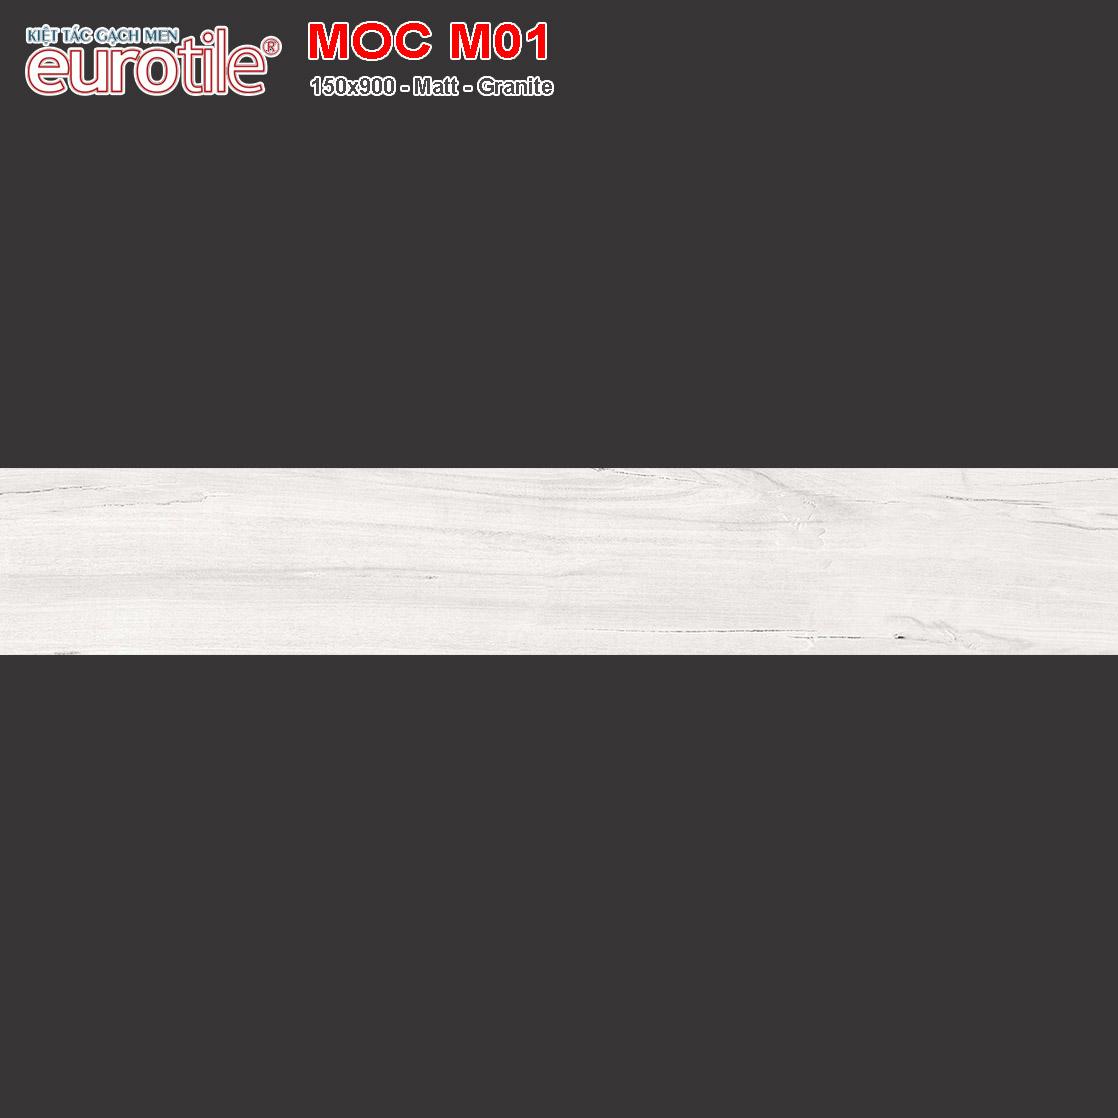 Gạch vân gỗ 300x900 Eurotile Mộc Châu MOC M01 giá rẻ